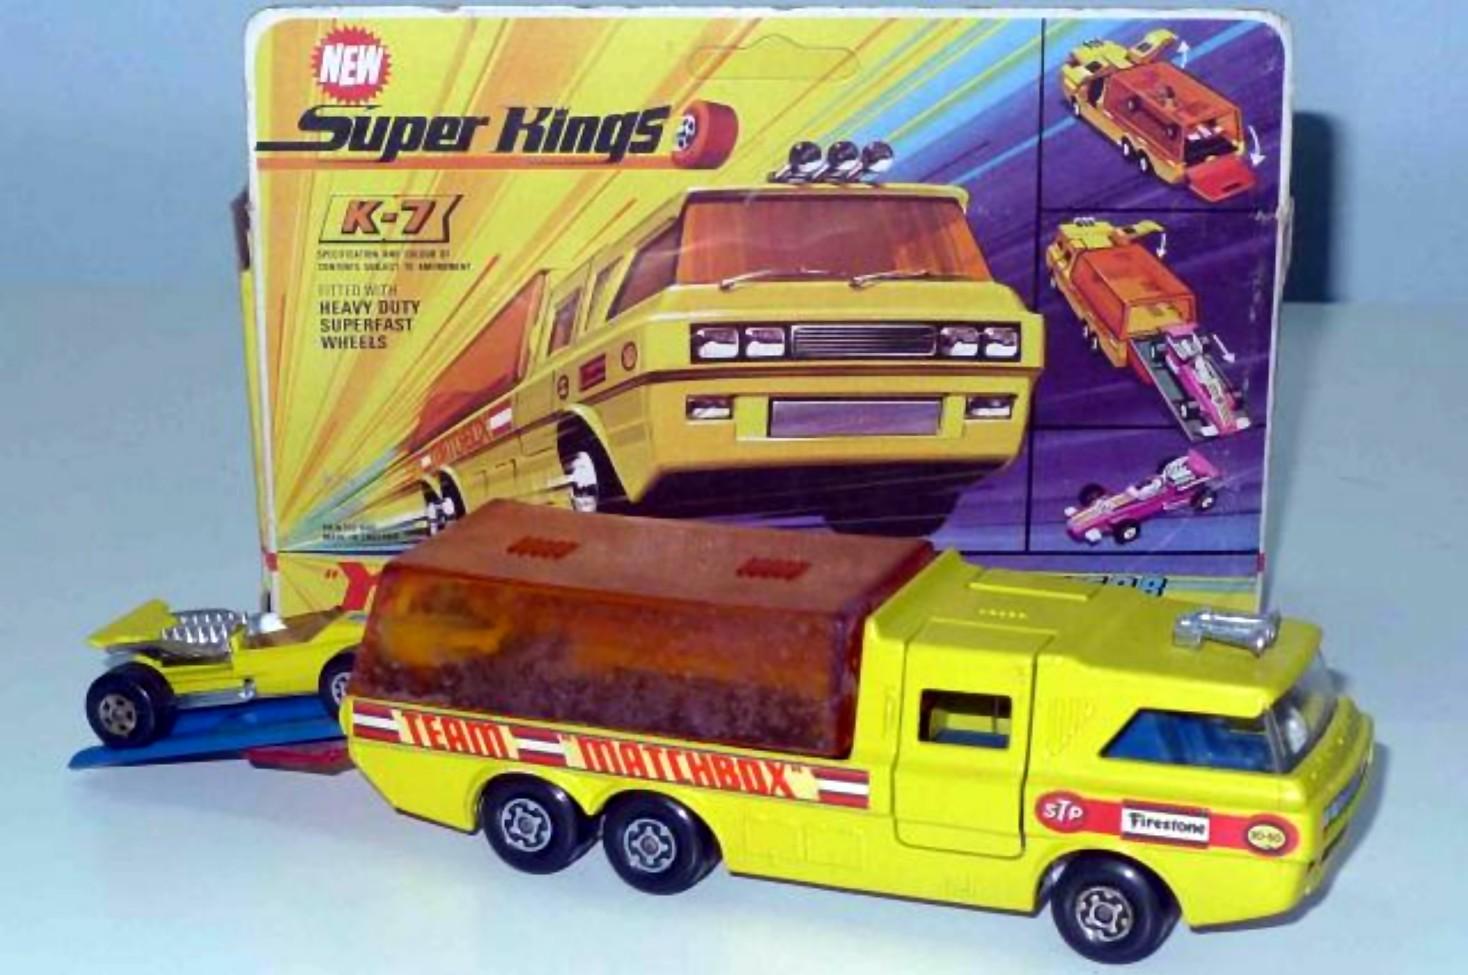 Racing Car Transporter (K-7)